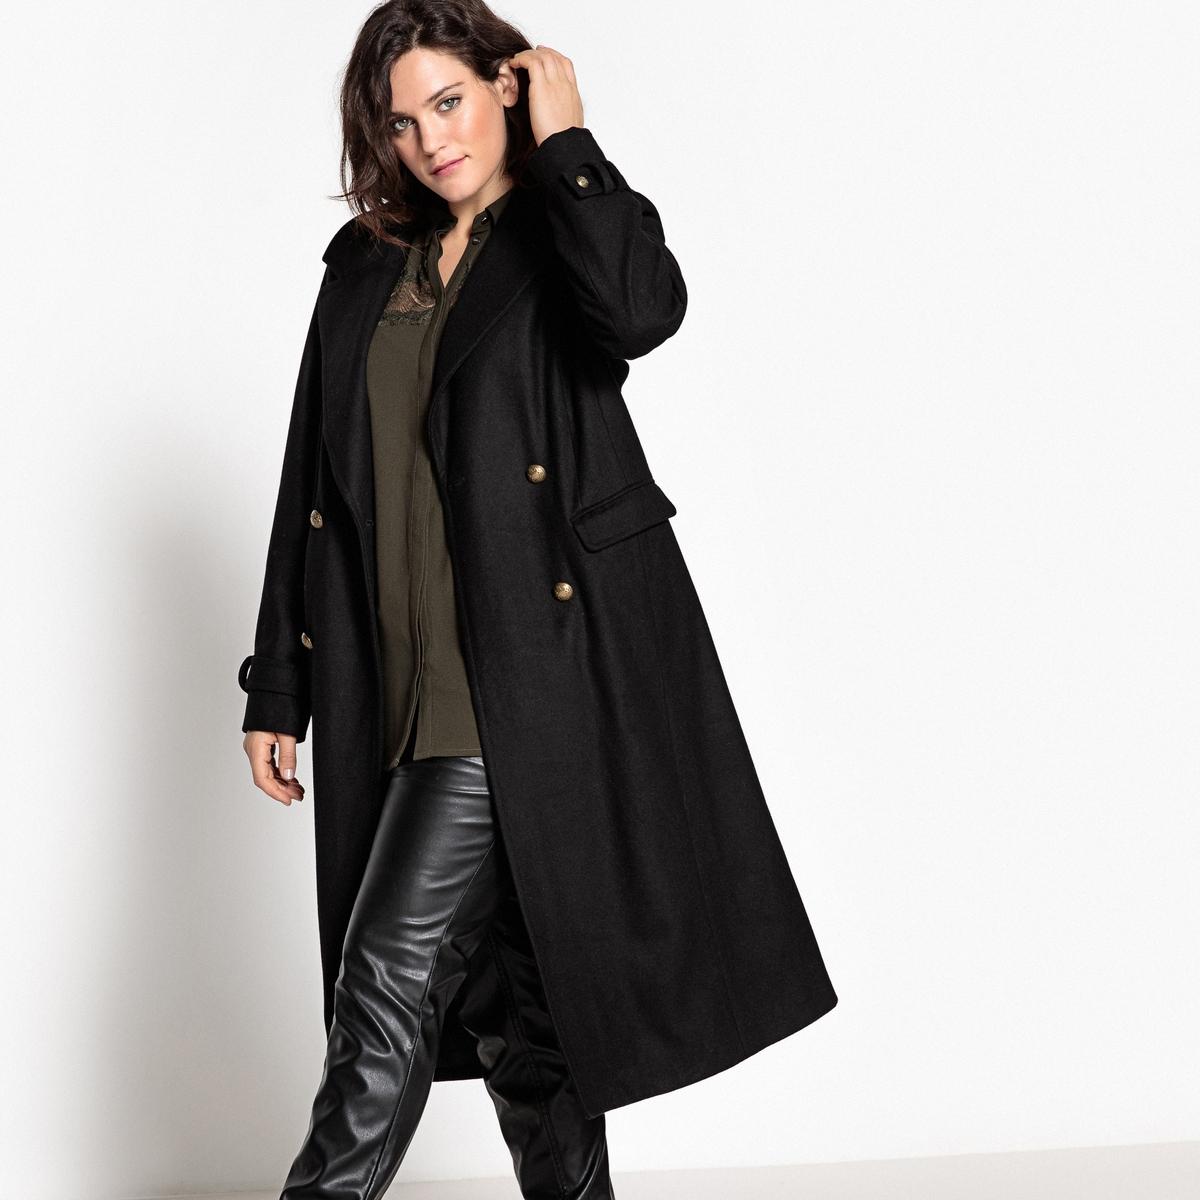 ПальтоОписание:Длинное изящное пальто в стиле милитари. Длинное пальто в стиле милитари из шерстяного драпа - неотъемлемый предмет зимнего гардероба.Детали •  Длина : удлиненная модель •  Воротник-поло, рубашечный • Застежка на пуговицыСостав и уход •  62% шерсти, 3% акрила, 7% полиамида, 28% полиэстера • Не стирать •  Деликатная сухая чистка / не отбеливать •  Не использовать барабанную сушку   •  Низкая температура глажки   ВАЖНО: Товар без манжетТовар из коллекции больших размеров •  Длина : 118,5 см<br><br>Цвет: хаки,черный<br>Размер: 56 (FR) - 62 (RUS).54 (FR) - 60 (RUS).48 (FR) - 54 (RUS).58 (FR) - 64 (RUS).54 (FR) - 60 (RUS).52 (FR) - 58 (RUS).48 (FR) - 54 (RUS).50 (FR) - 56 (RUS).56 (FR) - 62 (RUS).42 (FR) - 48 (RUS)